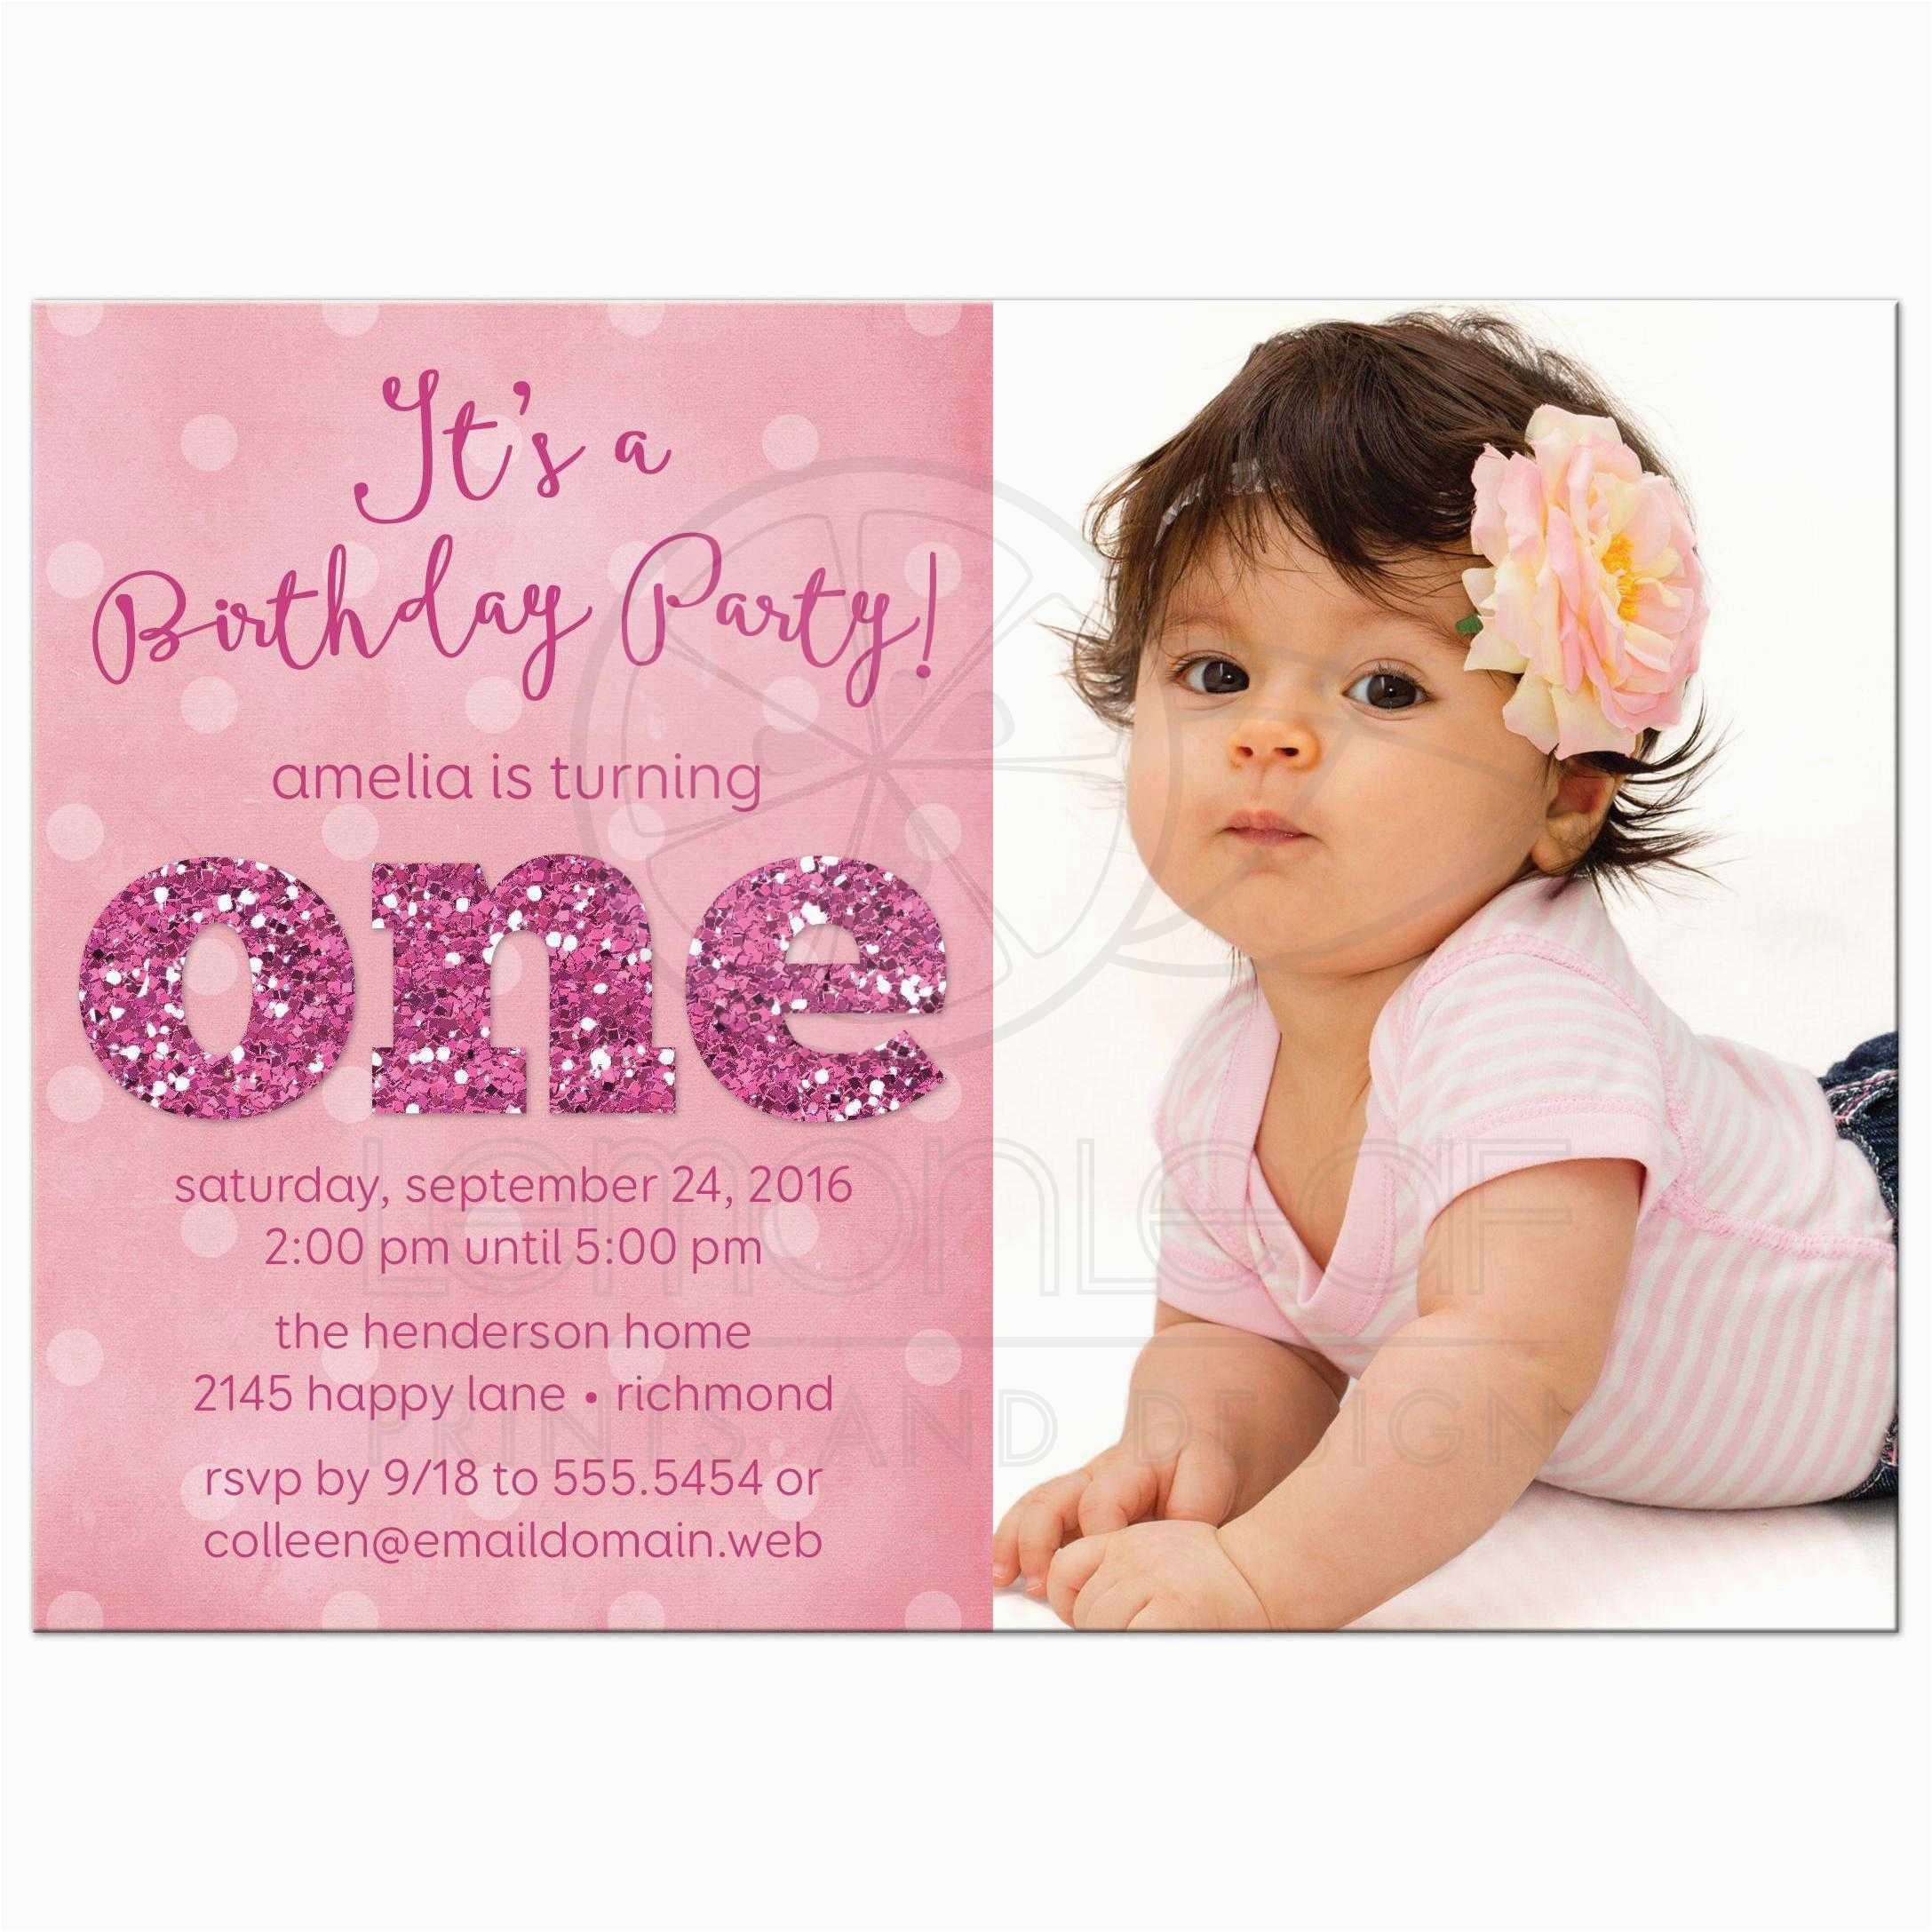 Invitation Wording For 1st Birthday And Baptism Birthdaybuzz